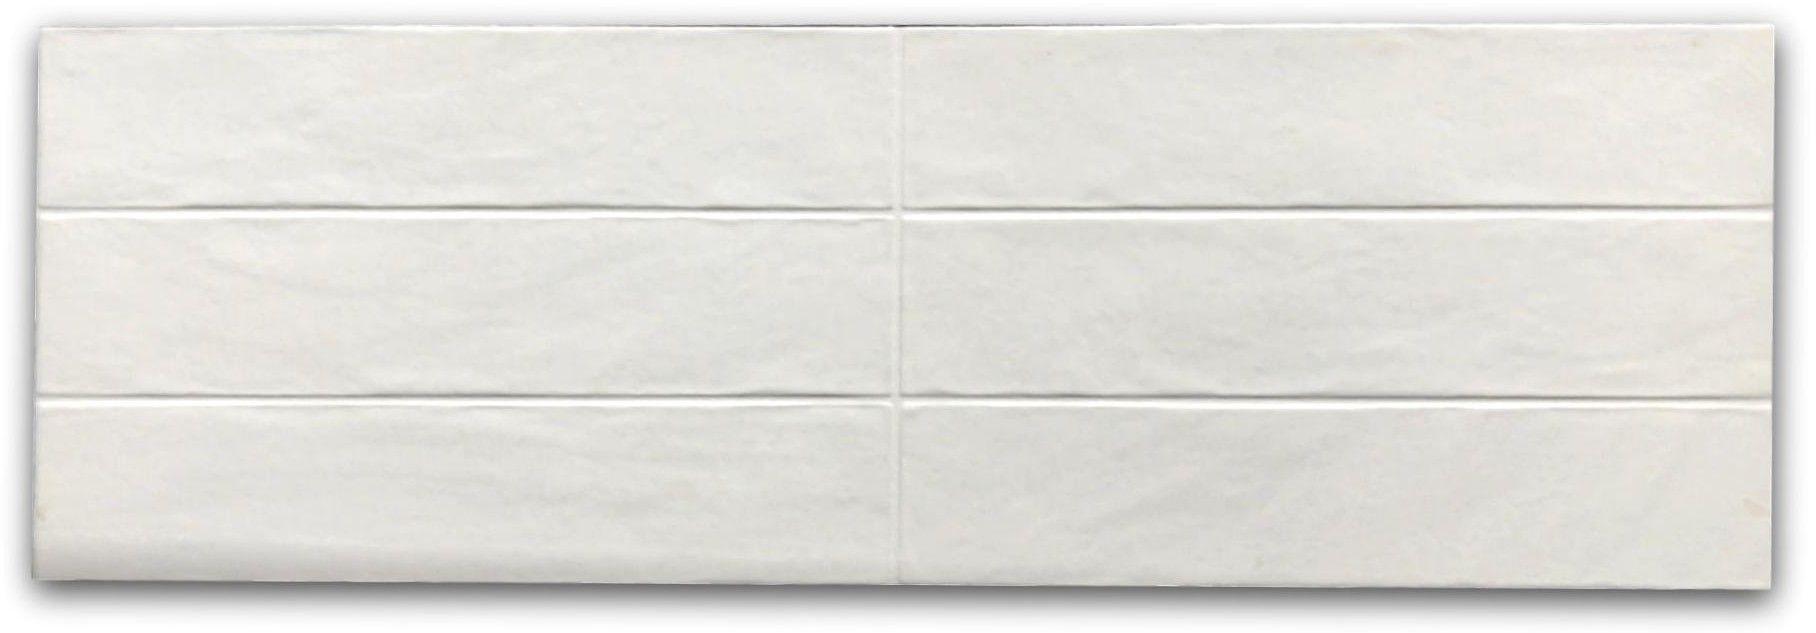 Sineu Blanco 25x75